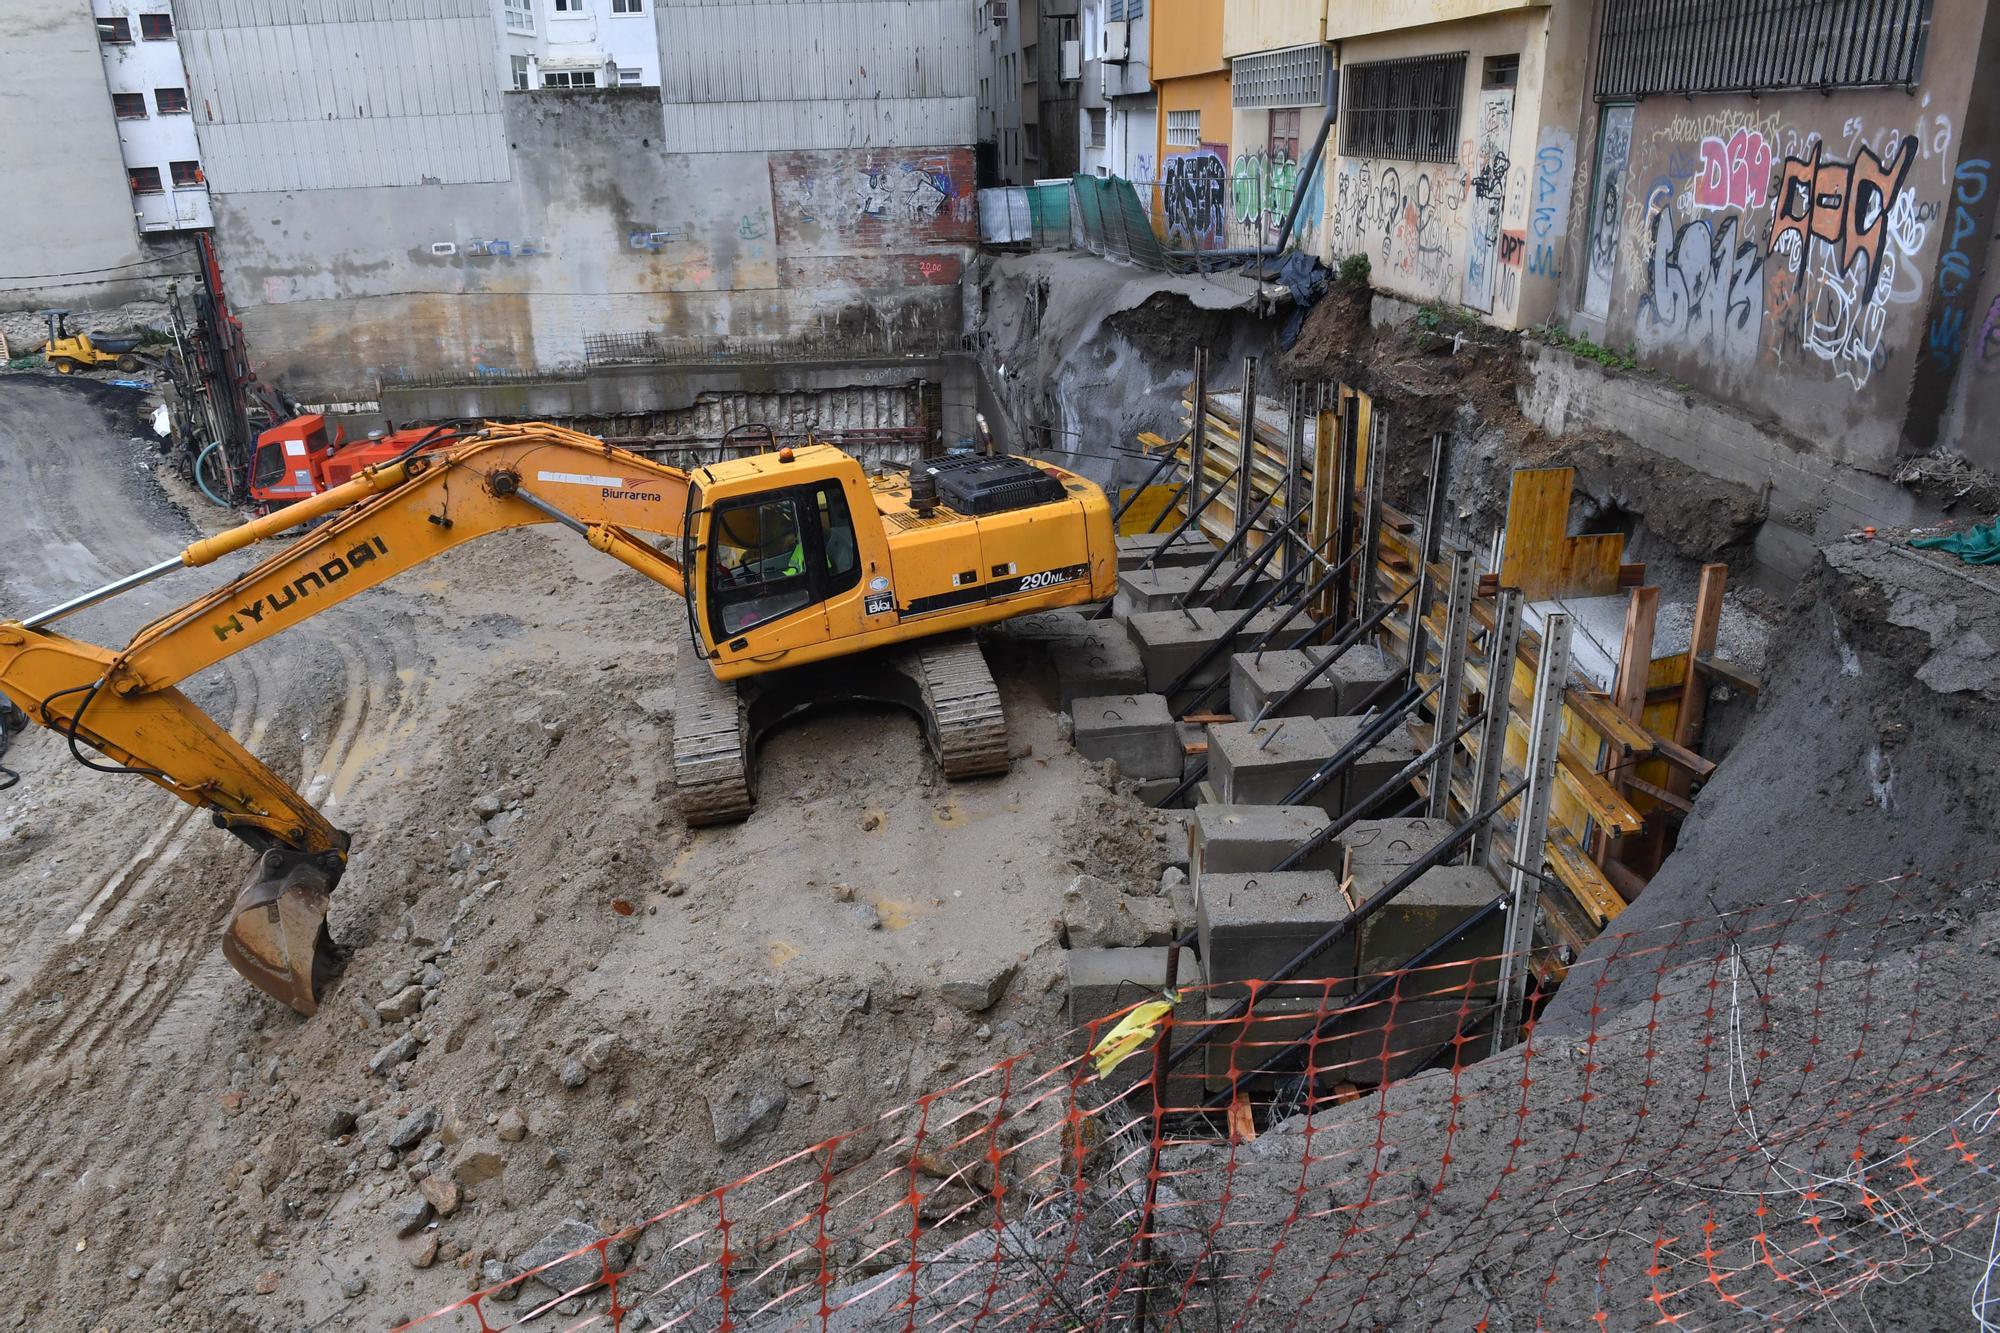 La constructora da por finalizadas las obras de consolidación tras el derrumbe en Rey Abdullah